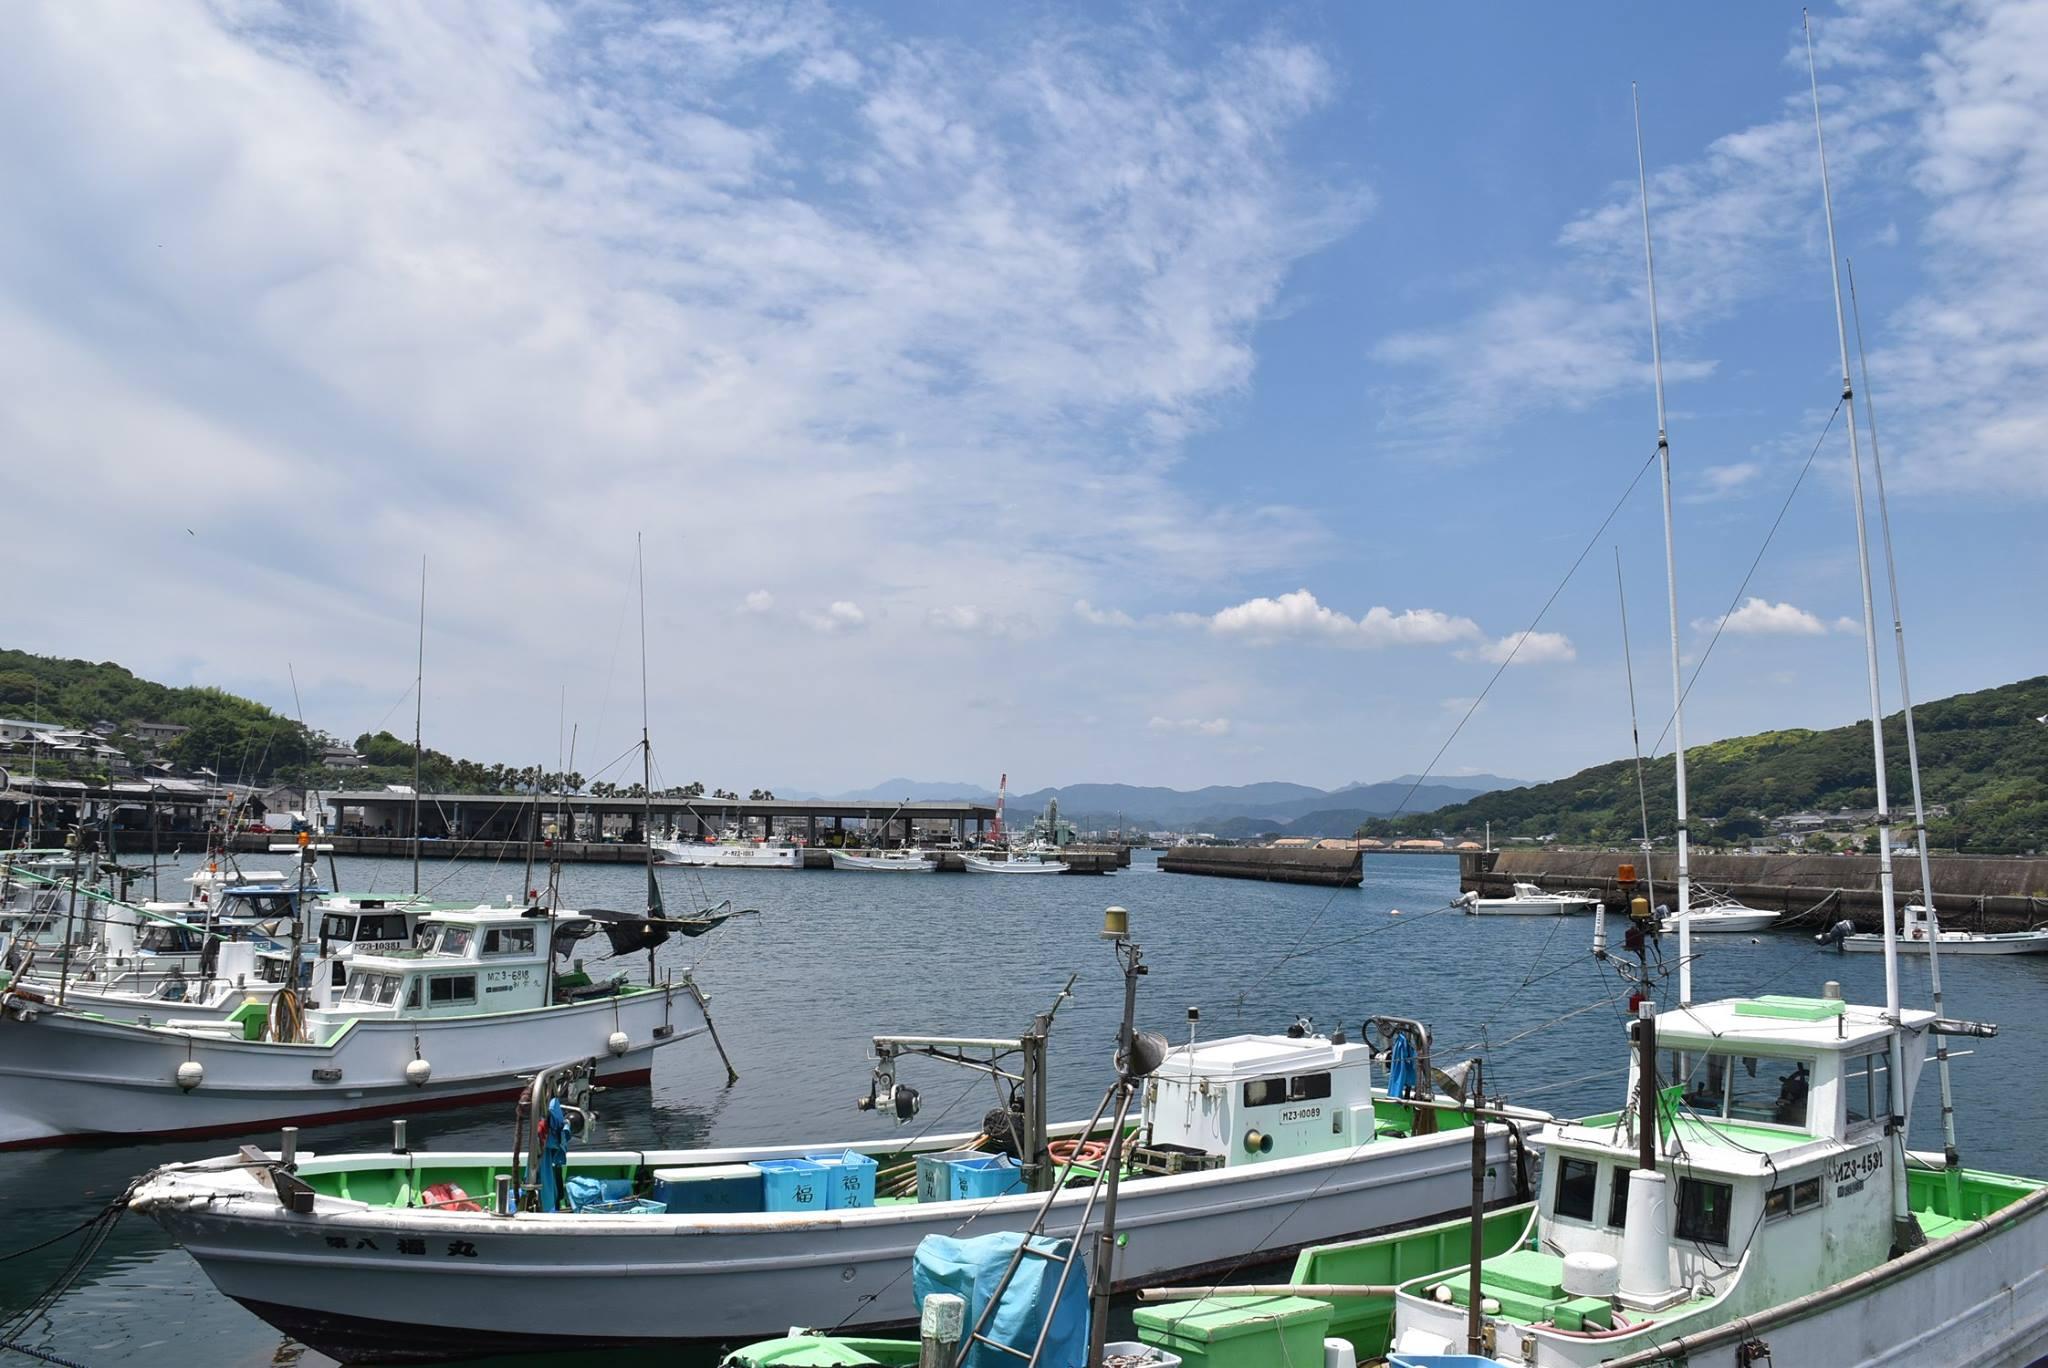 日向の海の玄関口細島港。新鮮で美味しい魚を食べられるスポットでもある